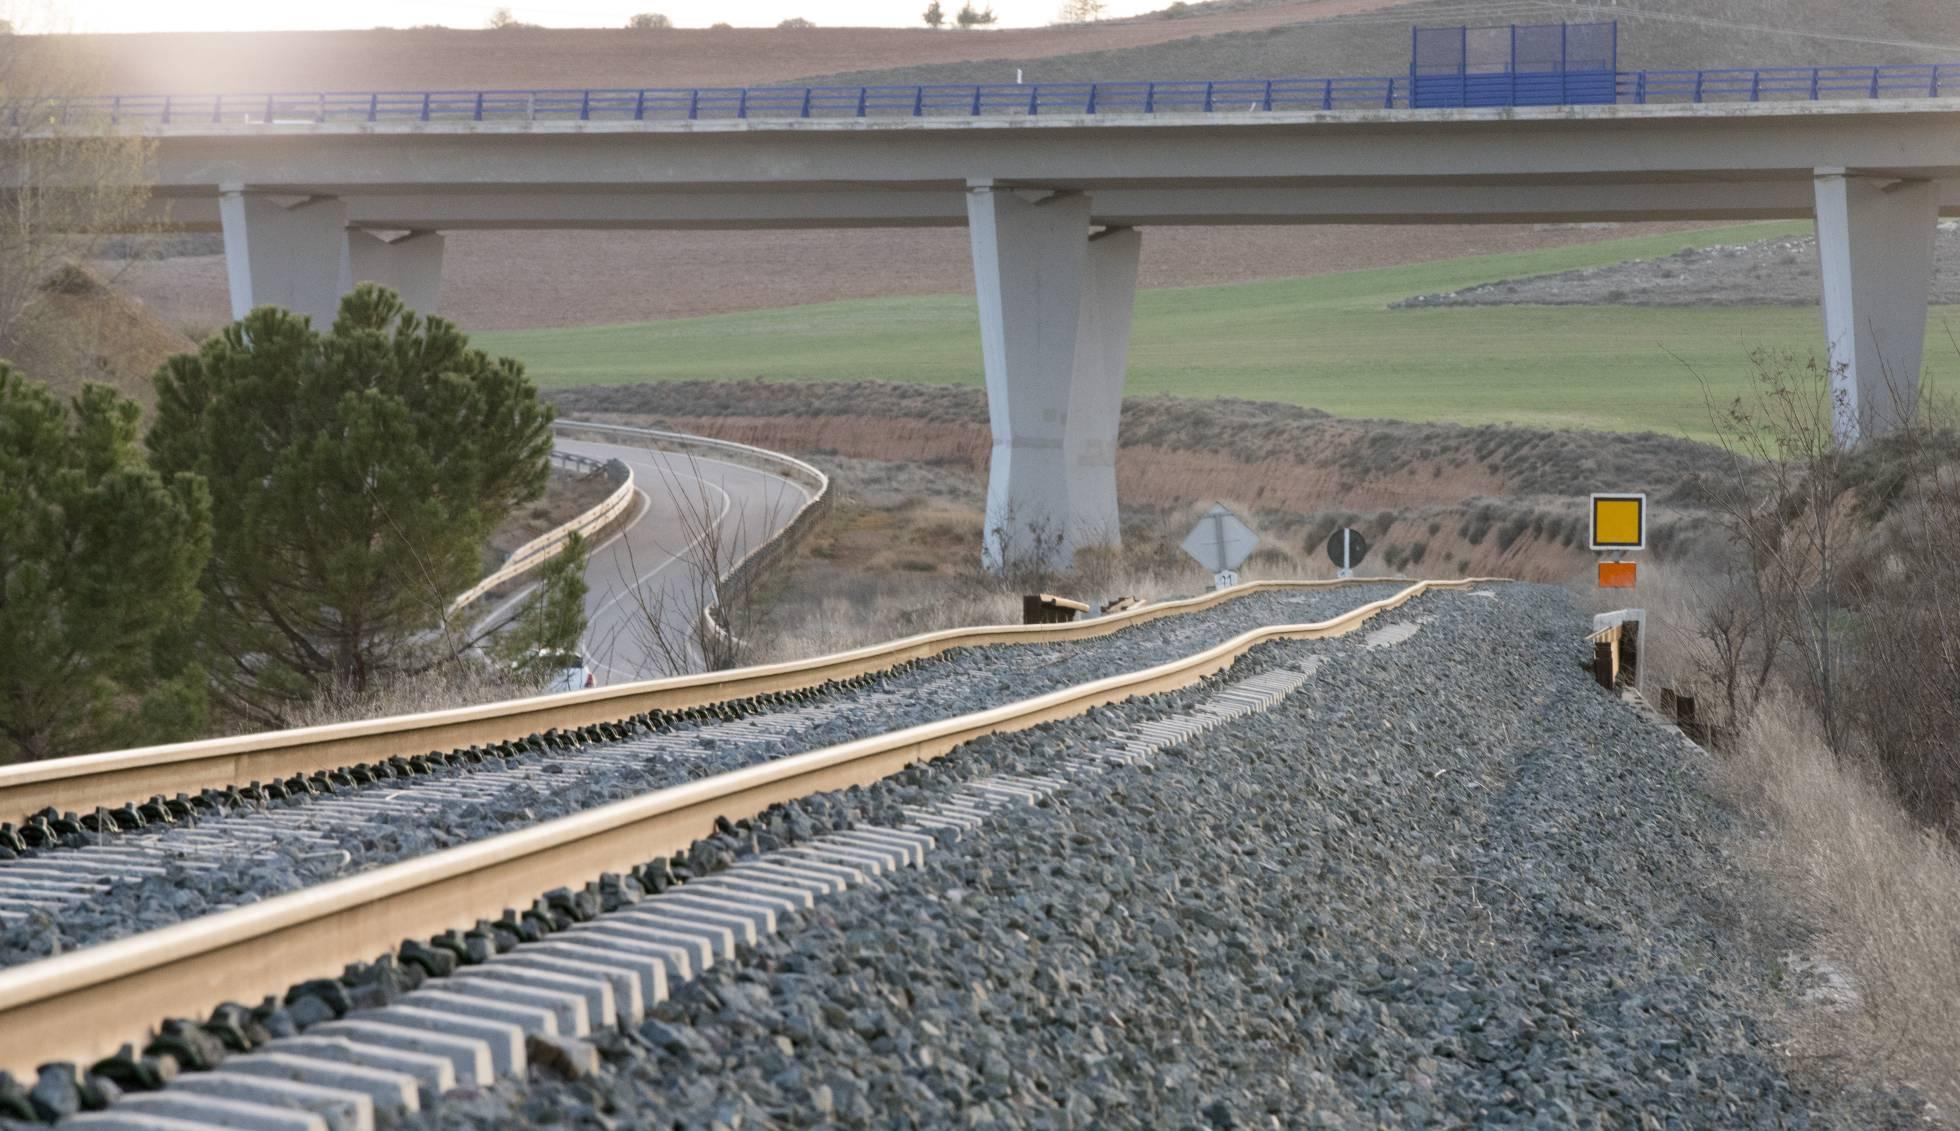 Transportes: Ferrocarril en España, alta velocidad, convencional. - Página 6 1491991085_454528_1491992378_sumario_normal_recorte1